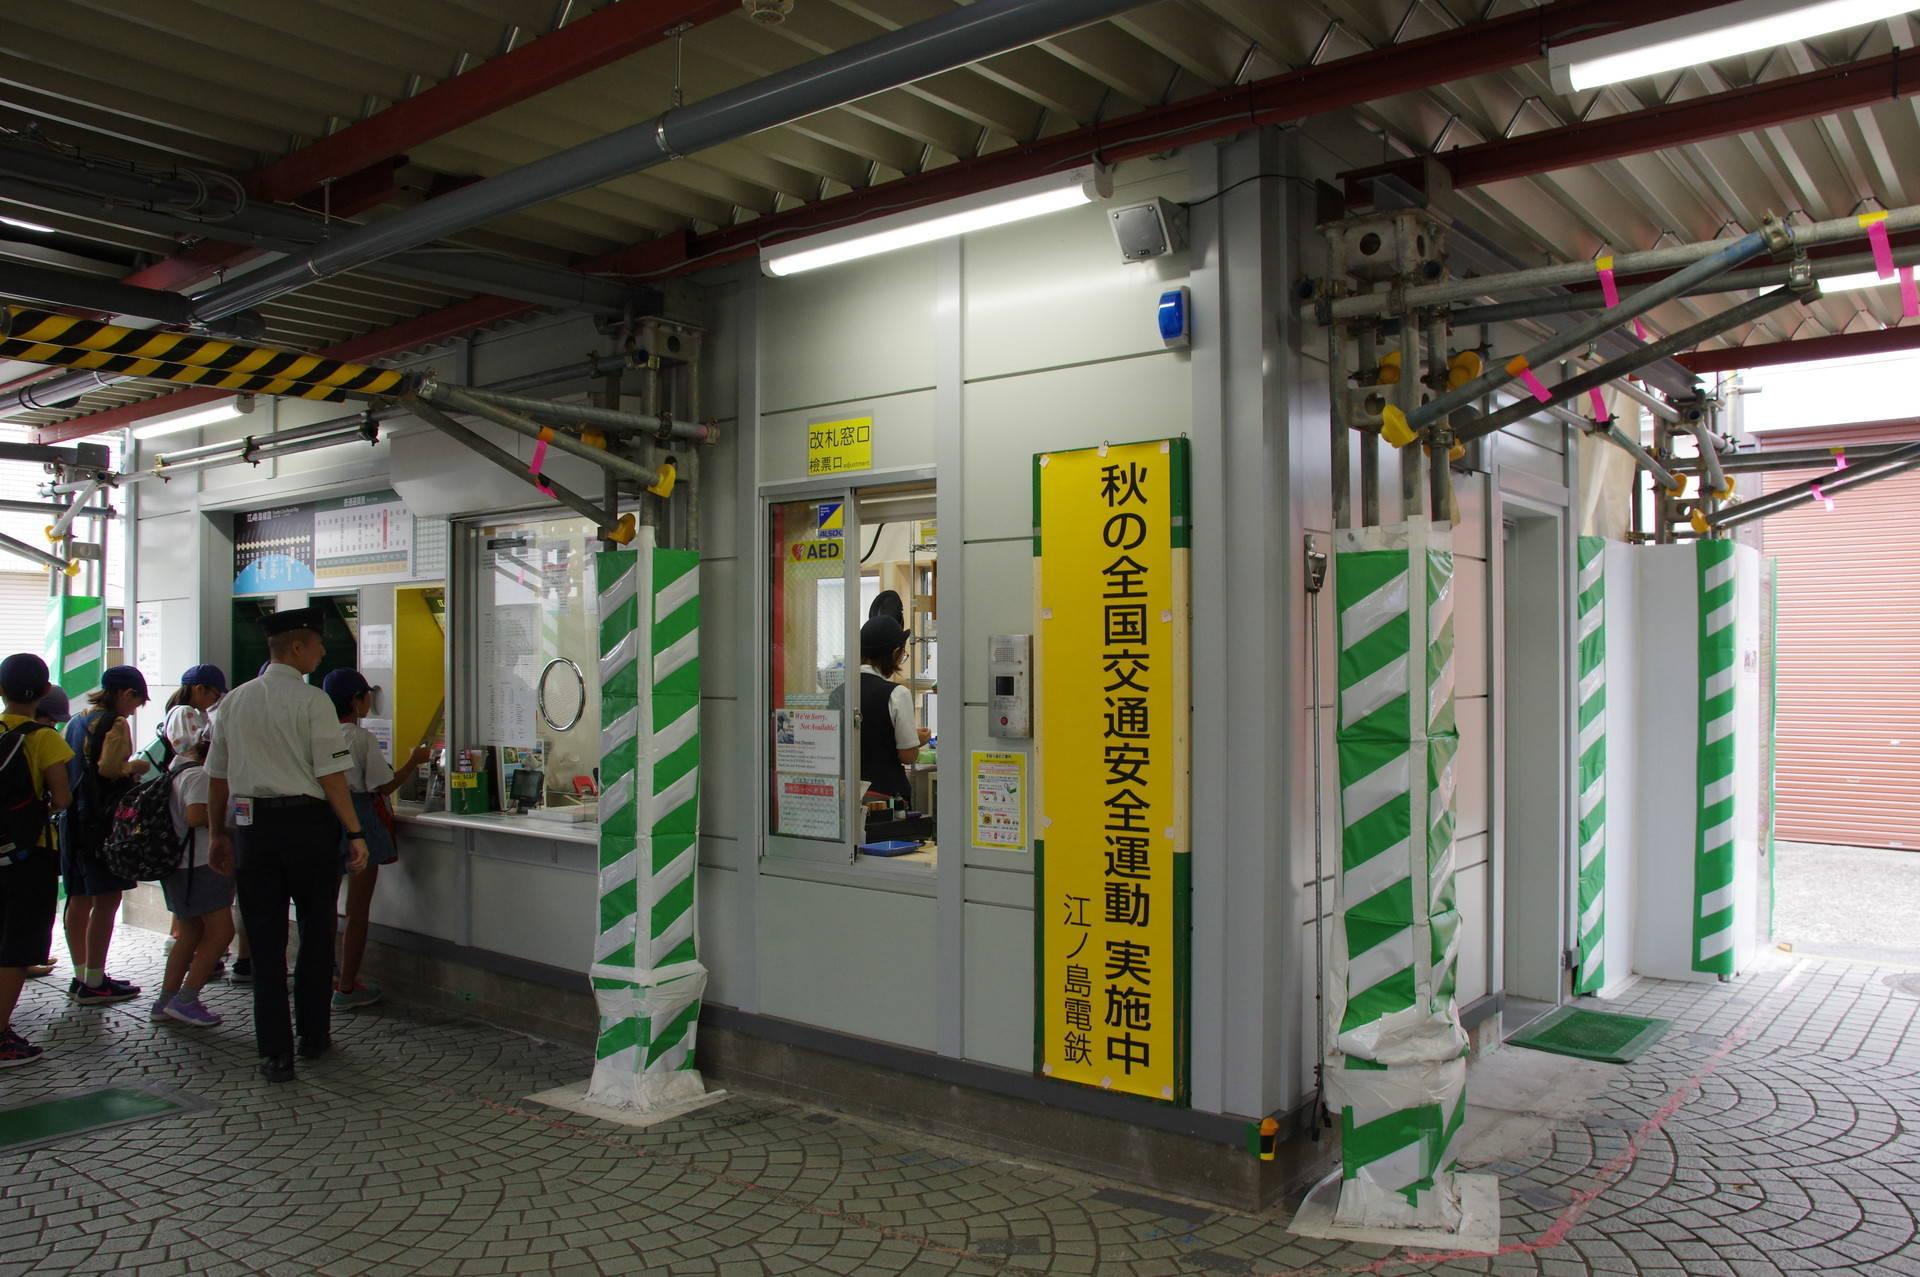 仮駅舎の券売機コーナー・窓口付近